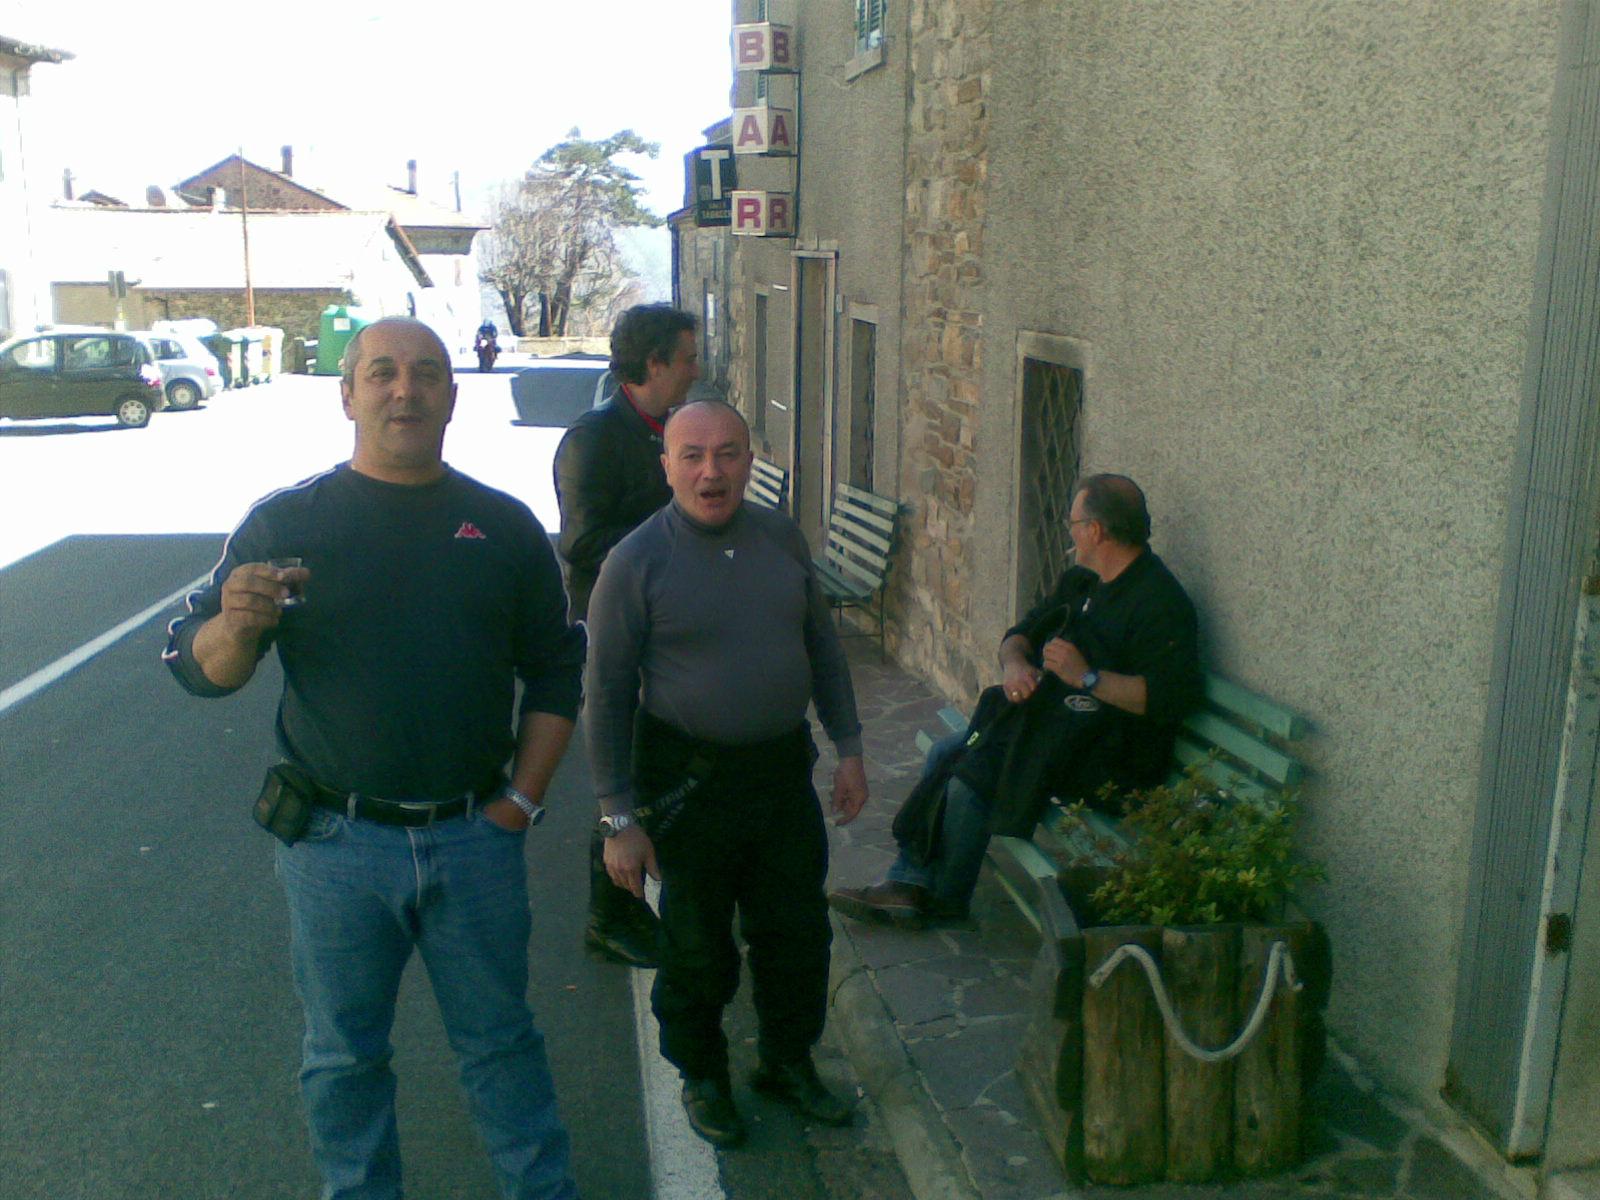 37-montelungo-03-04-2011-ore-1446